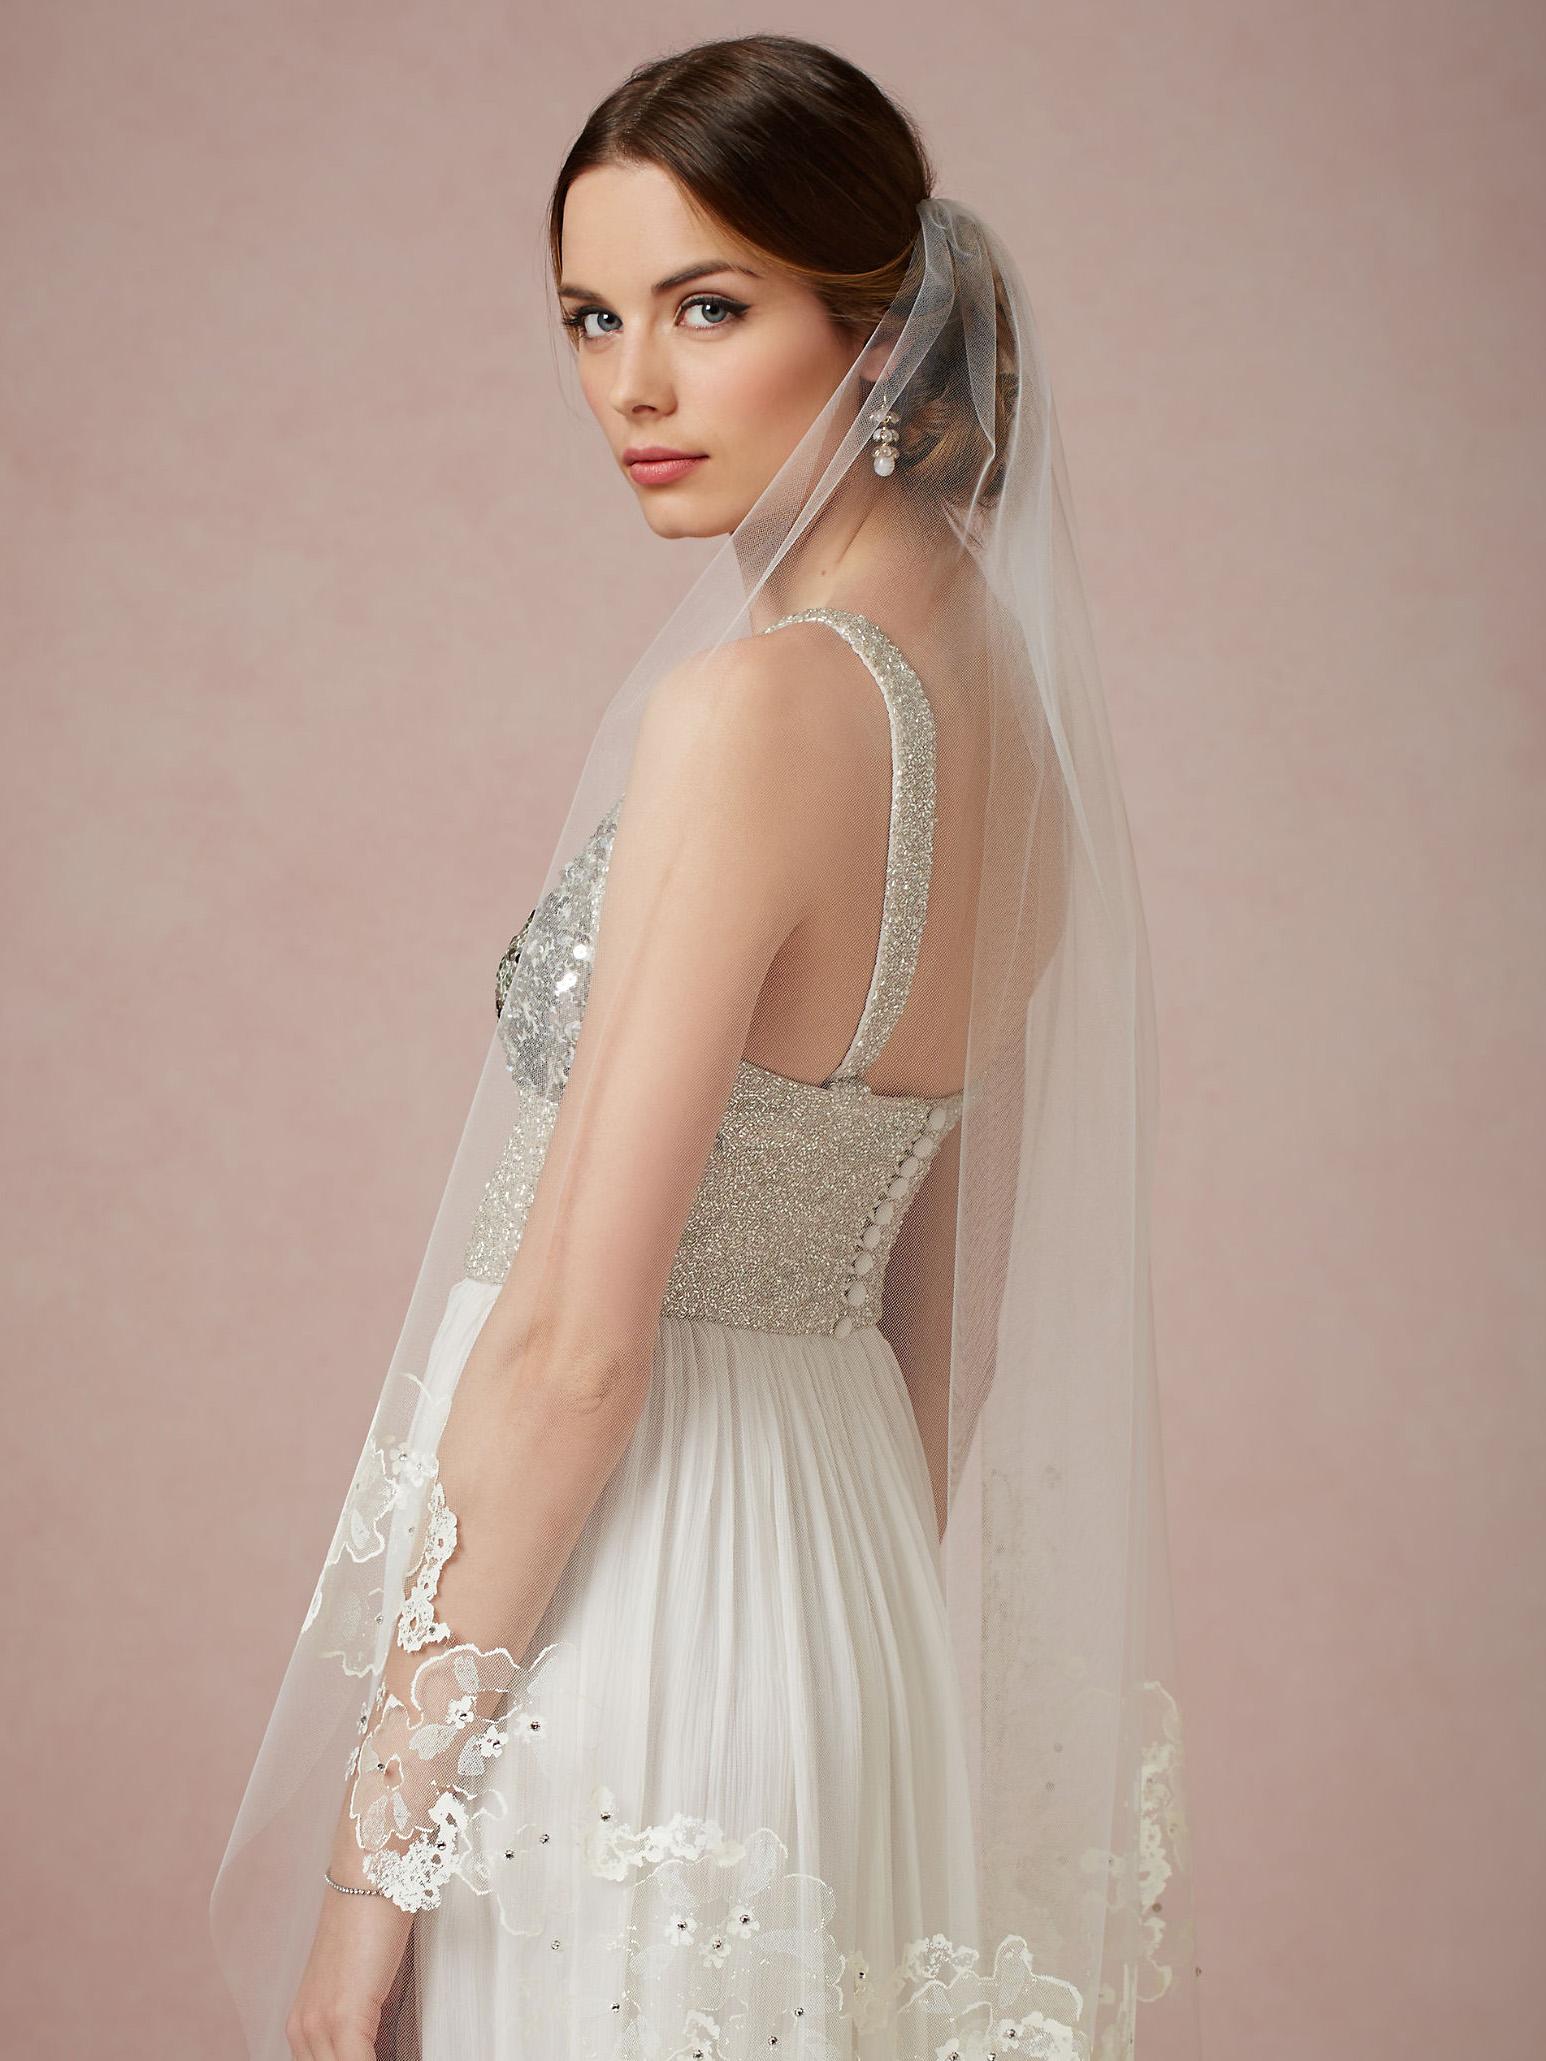 Best Online Bridal Boutiques - 29Secrets